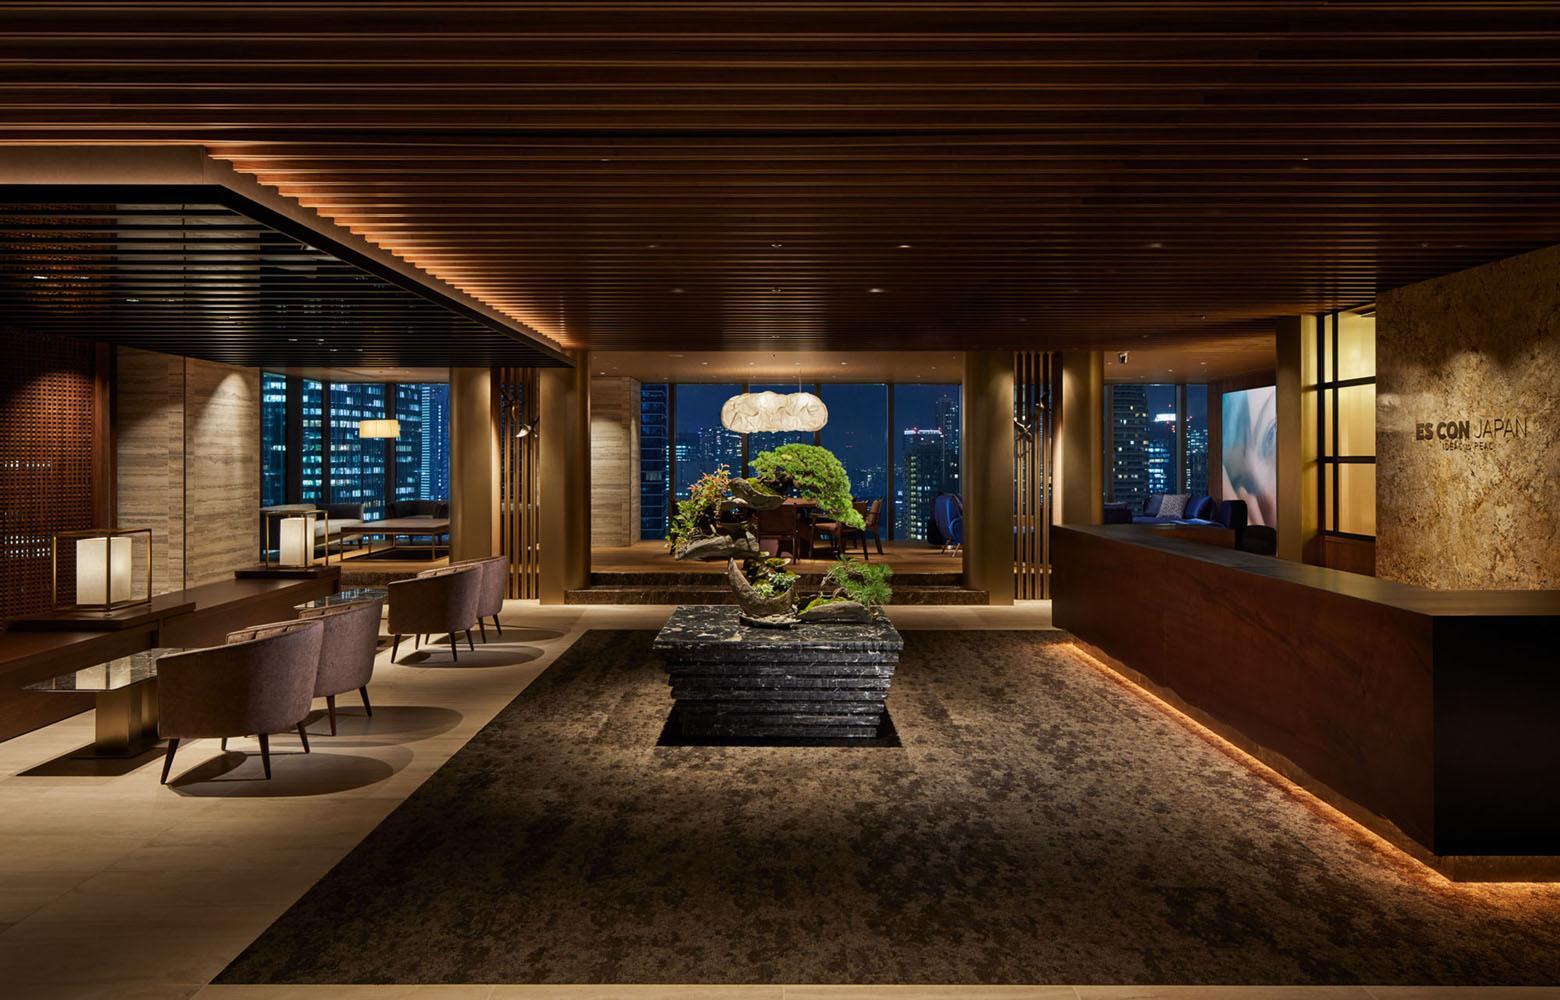 株式会社日本エスコン Entrance Lounge_2 デザイン・レイアウト事例